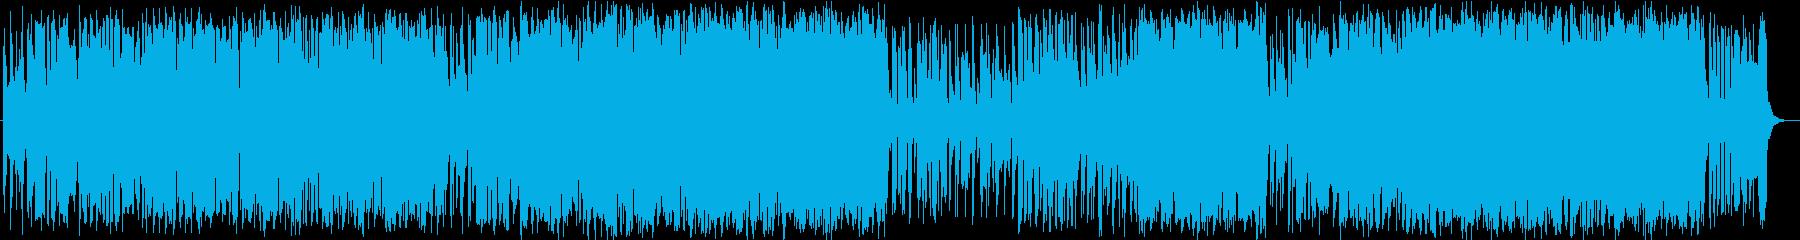 ケルト 中世ヨーロッパ 異世界なBGMの再生済みの波形